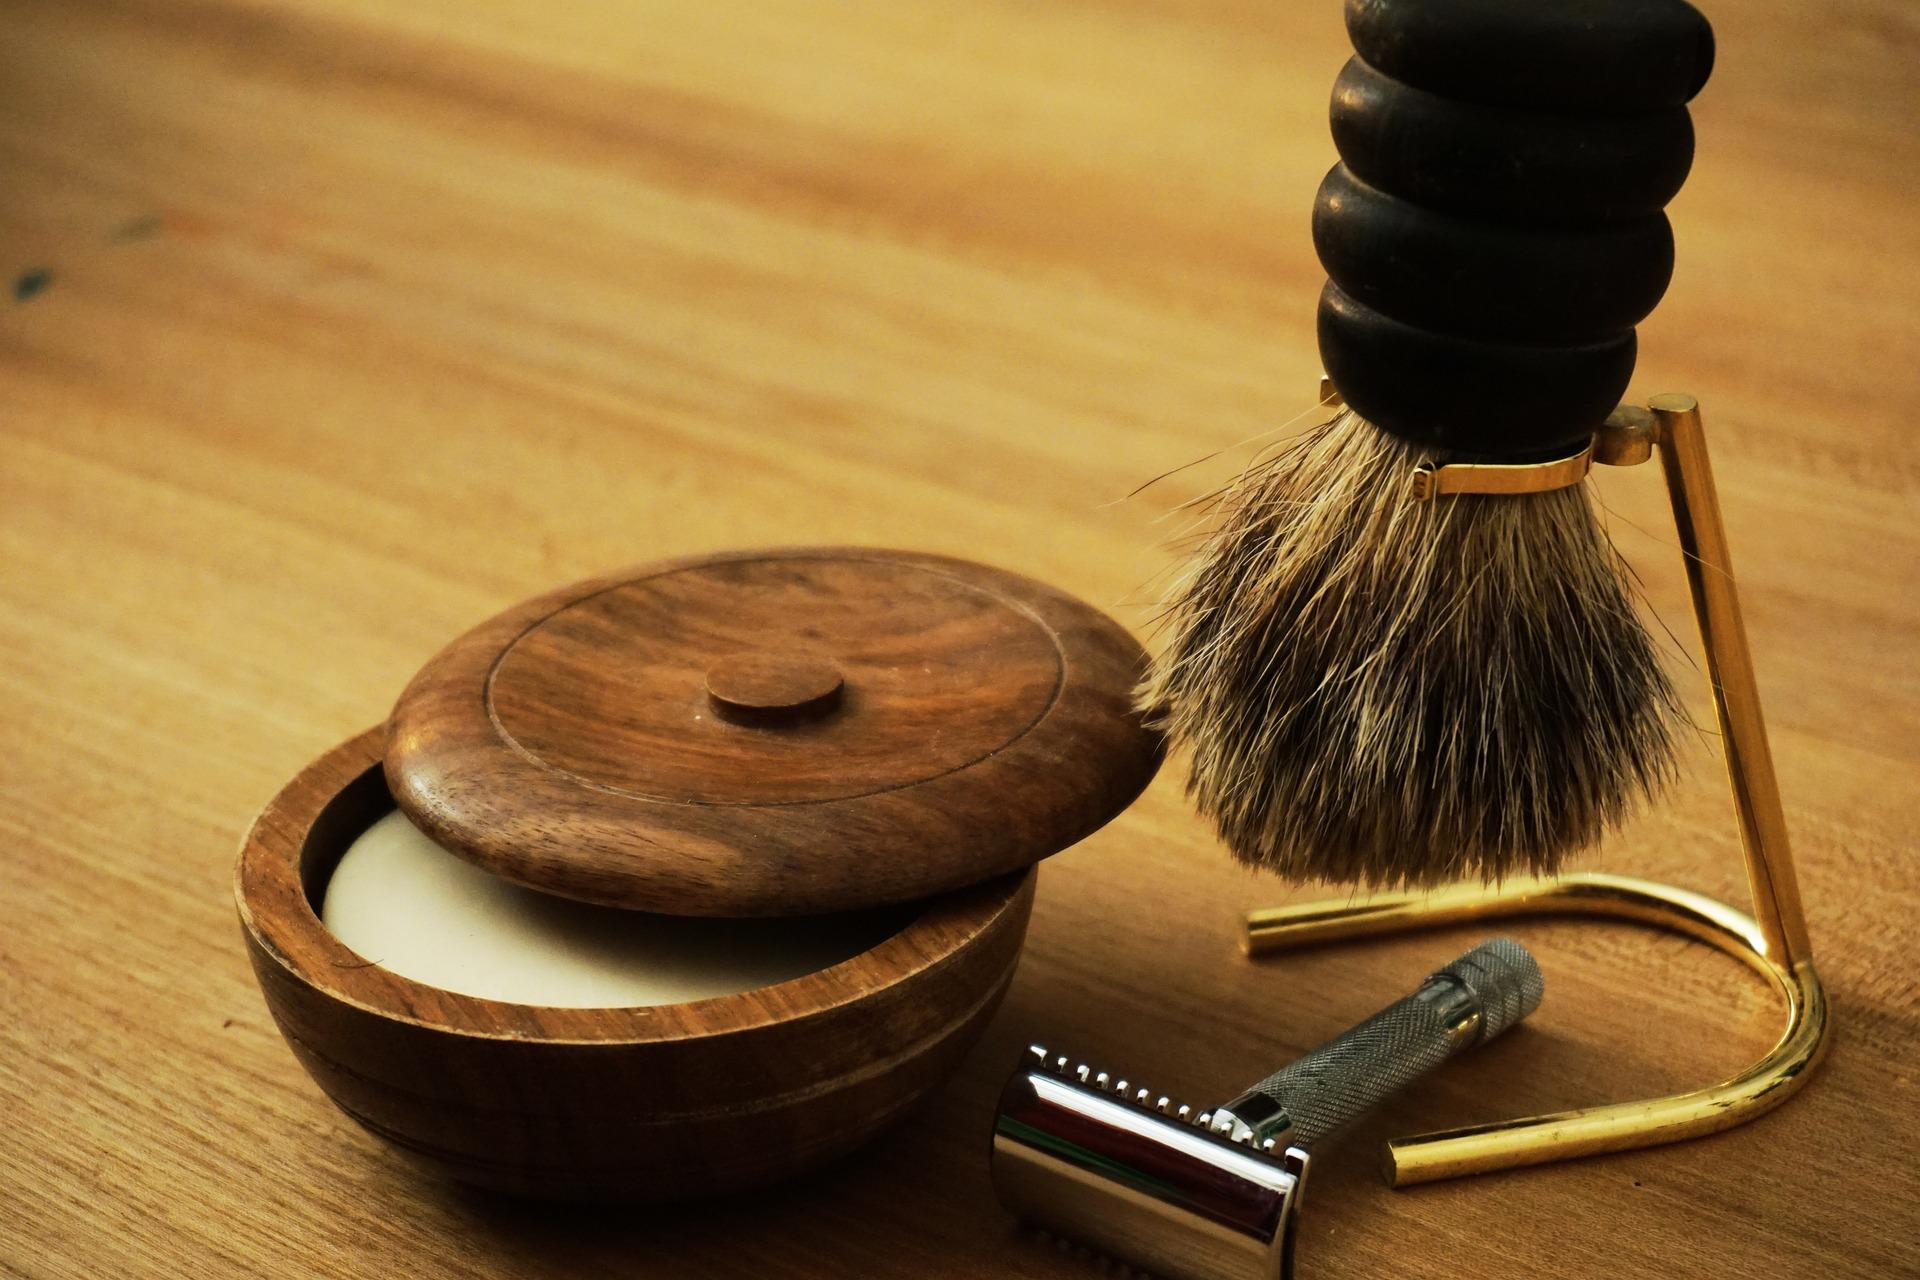 Pędzel do golenia, czyli old-school w męskiej pielęgnacji